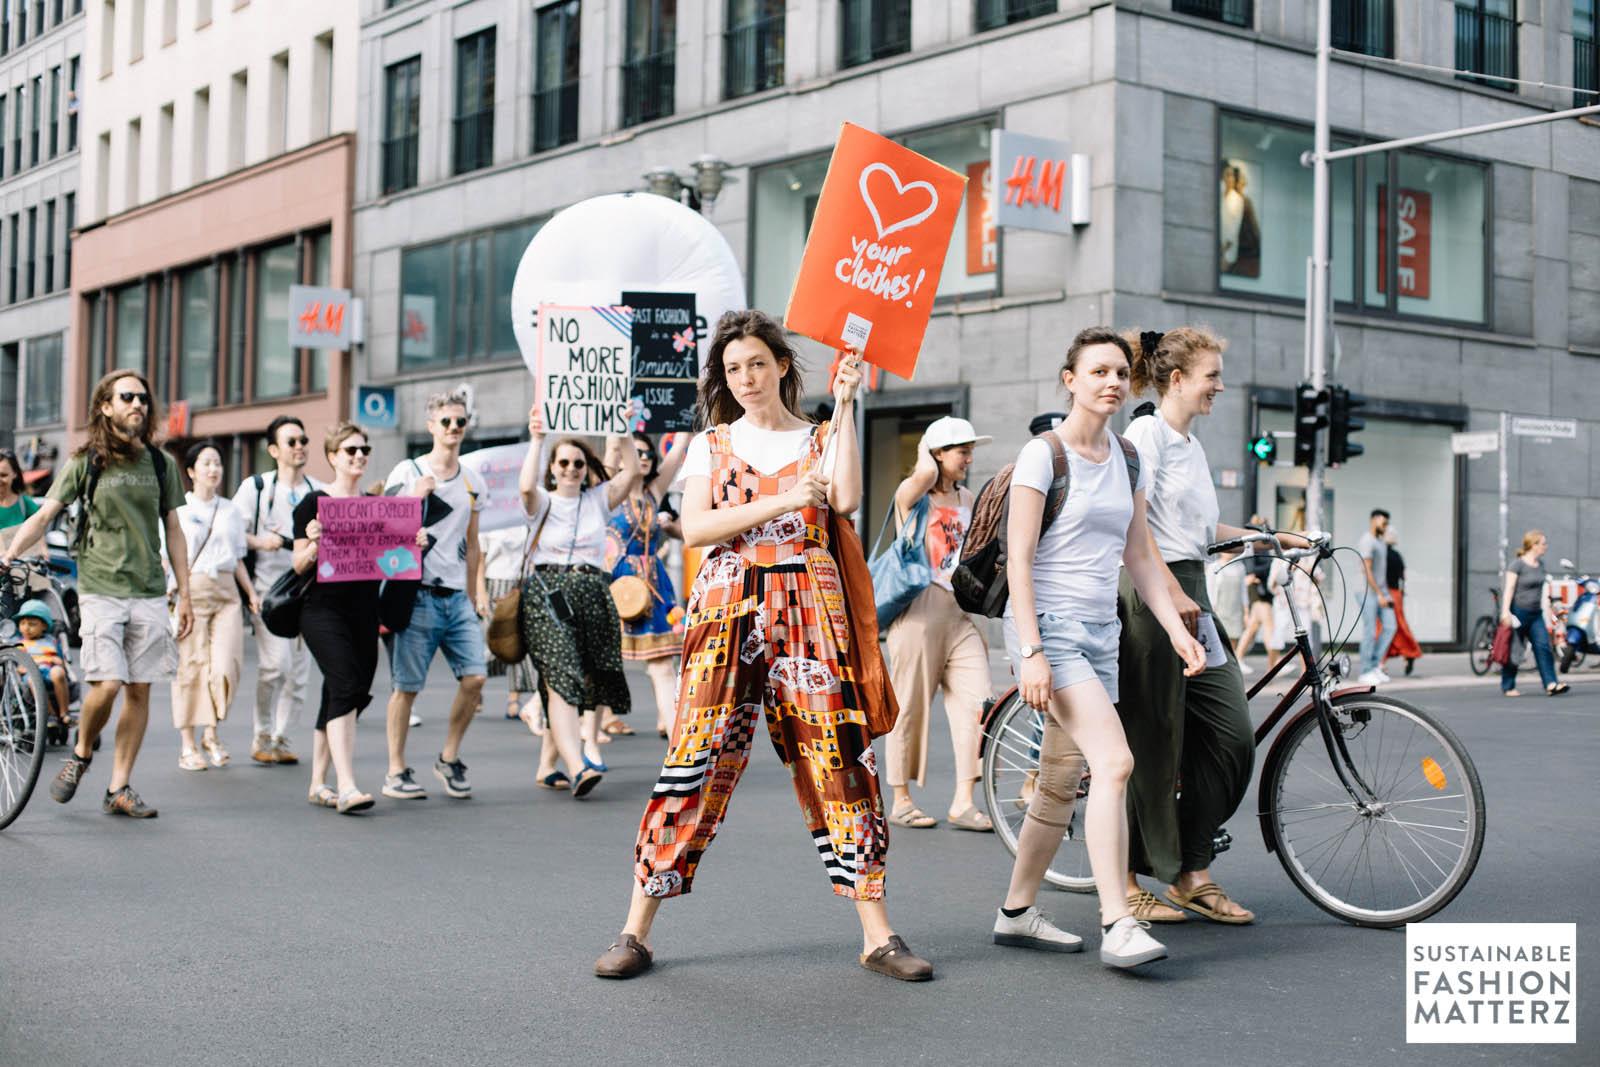 fashion-revolution-berlin-2019-57.jpg